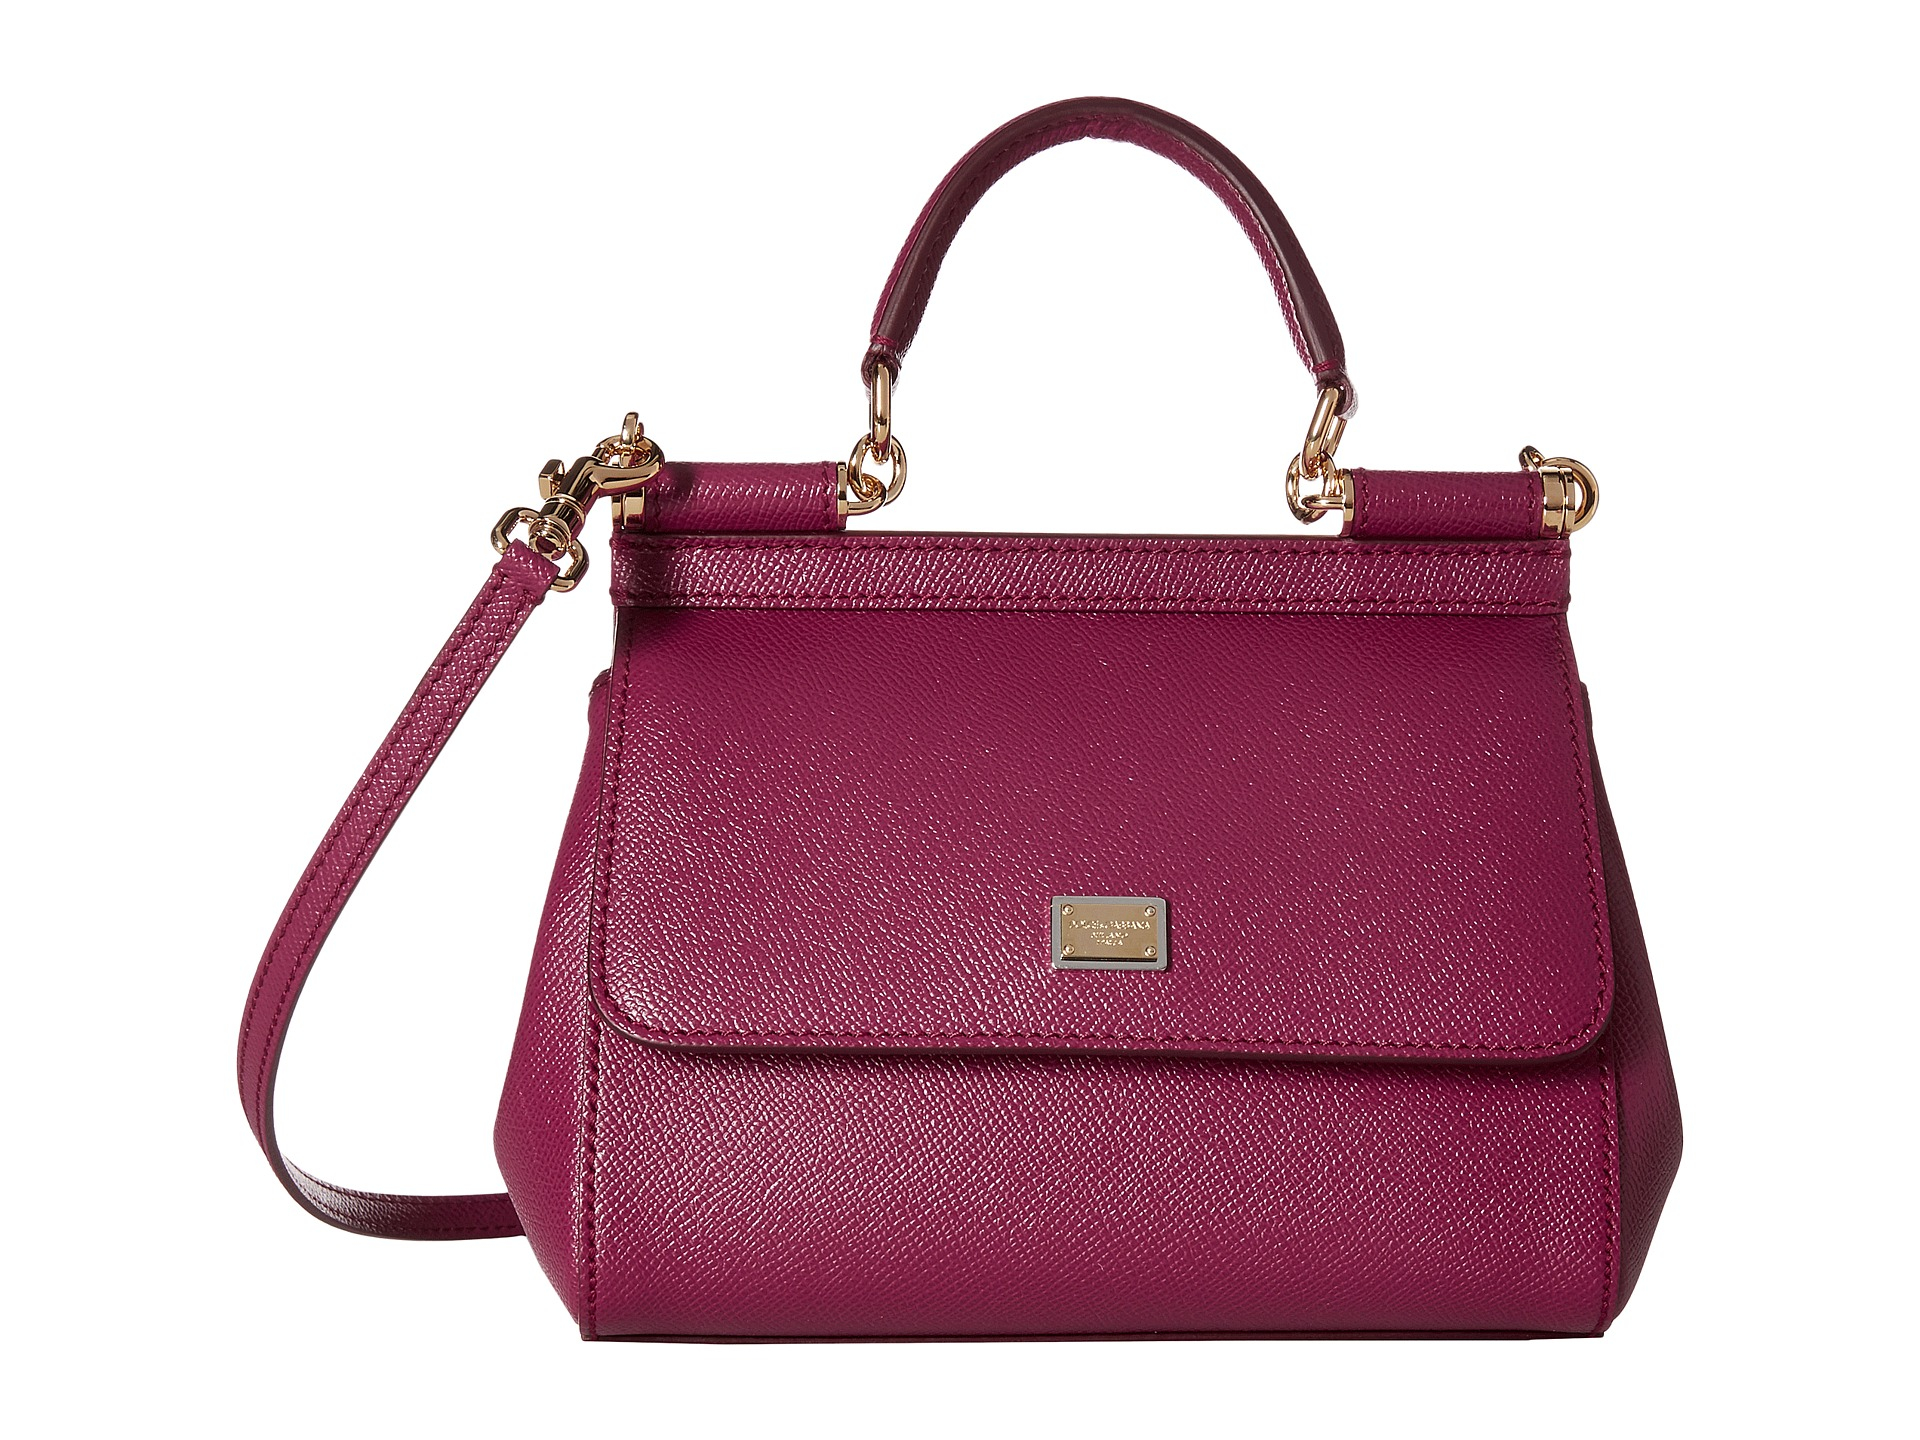 Lyst - Dolce   Gabbana Mini Bags Vitello Stampa Dauphine in Purple de32a888afa9b